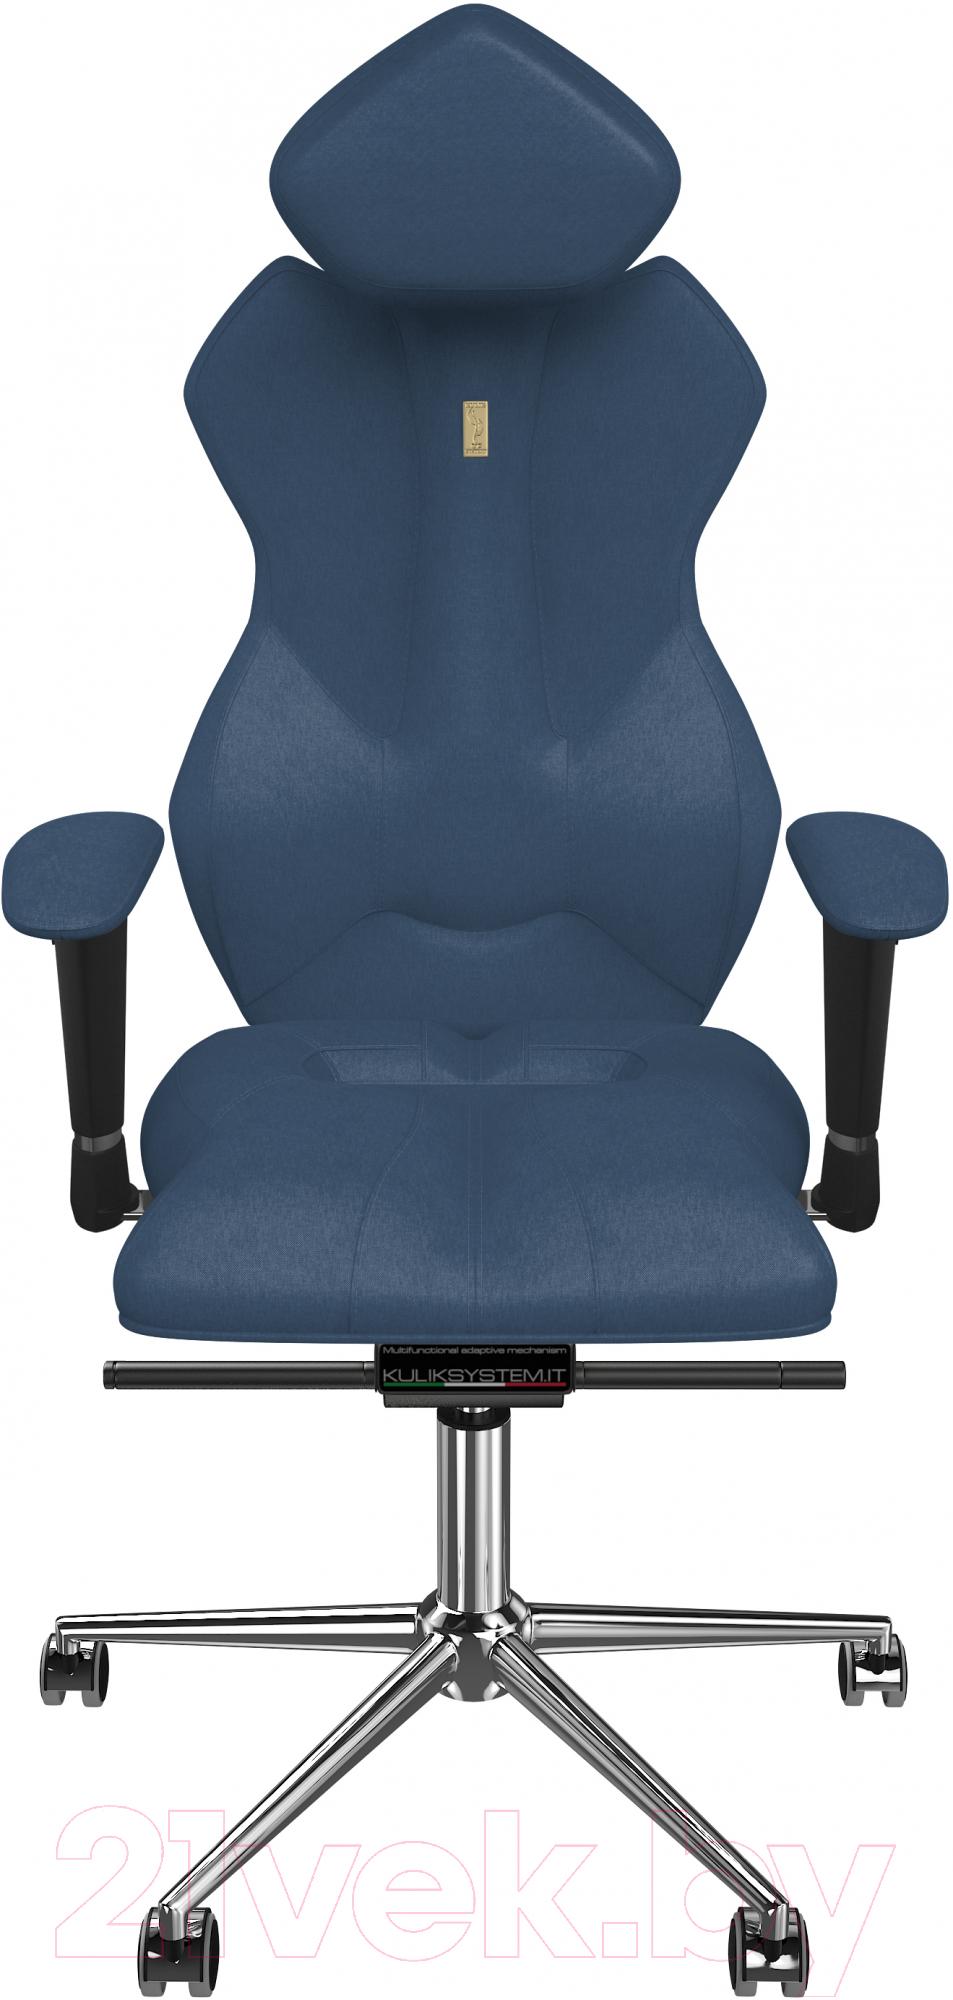 Купить Кресло офисное Kulik System, Royal азур (джинс с подголовником), Украина, Royal (Kulik System)